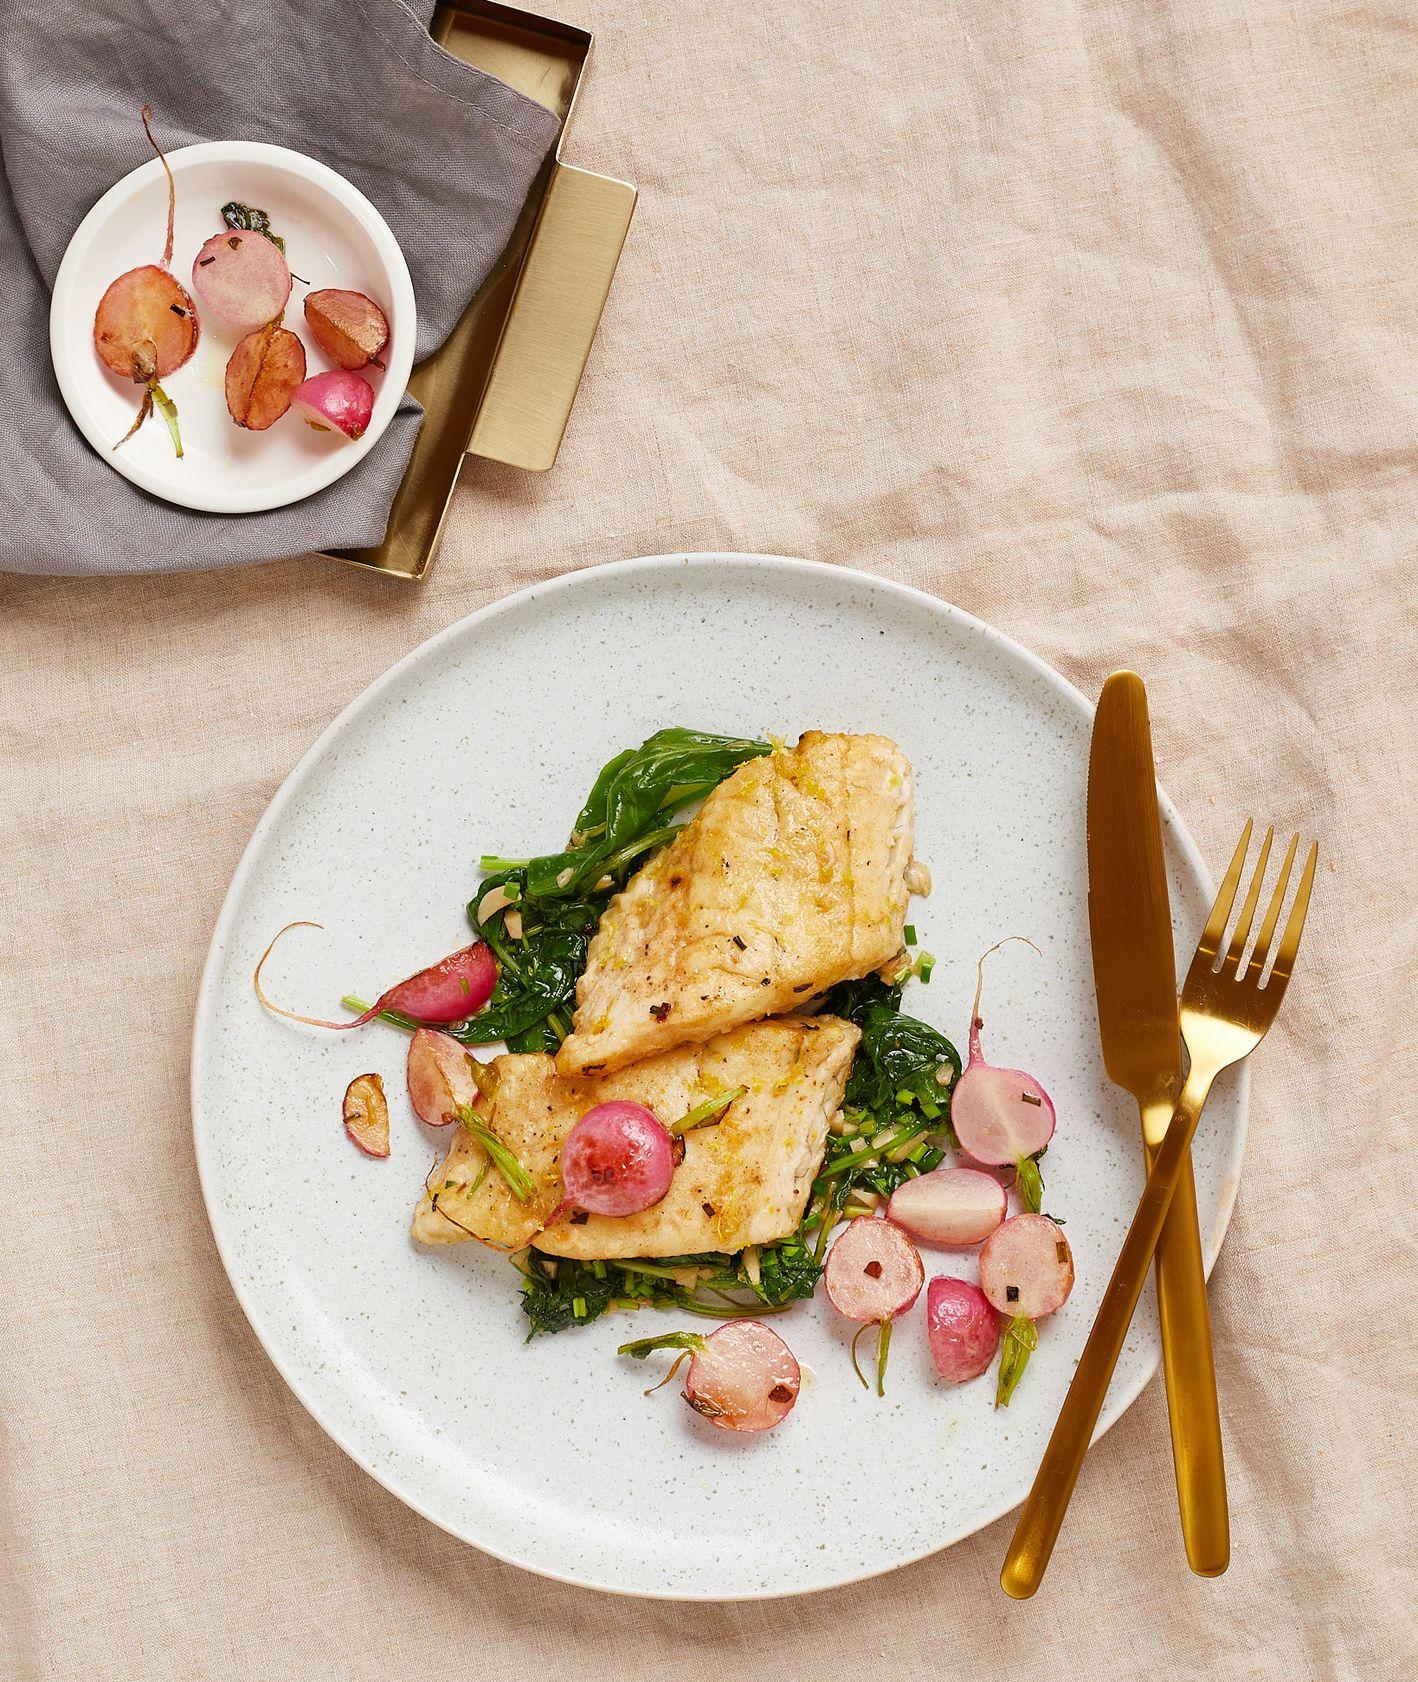 Przepis – sandacz z rzodkiewką na maśle, jak zrobić sandacza, pomysł na obiad z rybą (fot. Maciek Niemojewski)